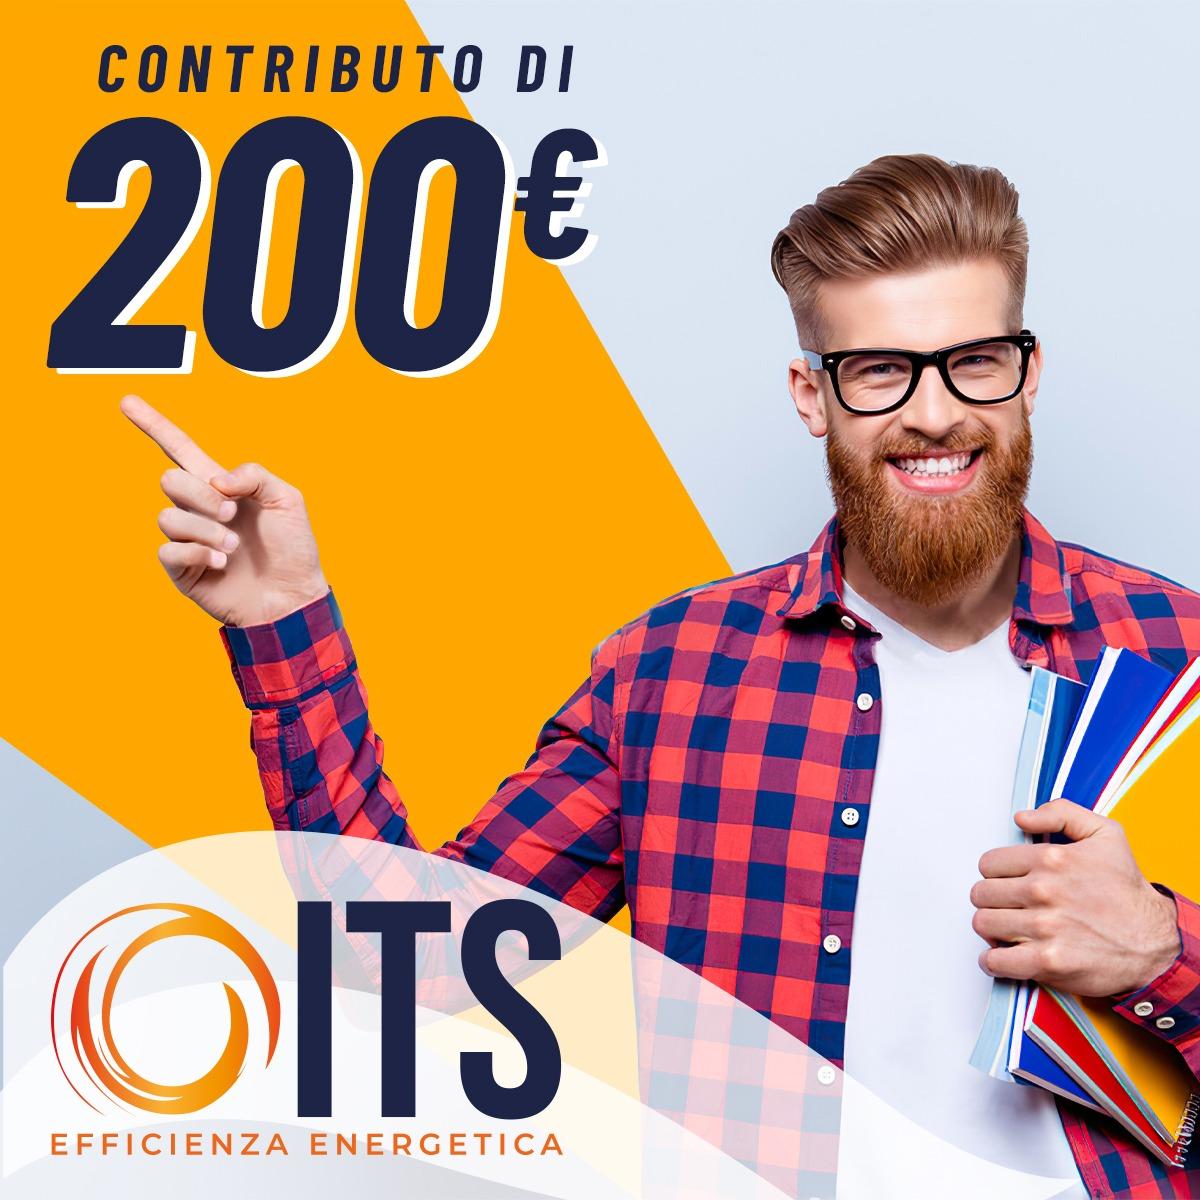 Iscriviti e avrai un contributo di 200 euro